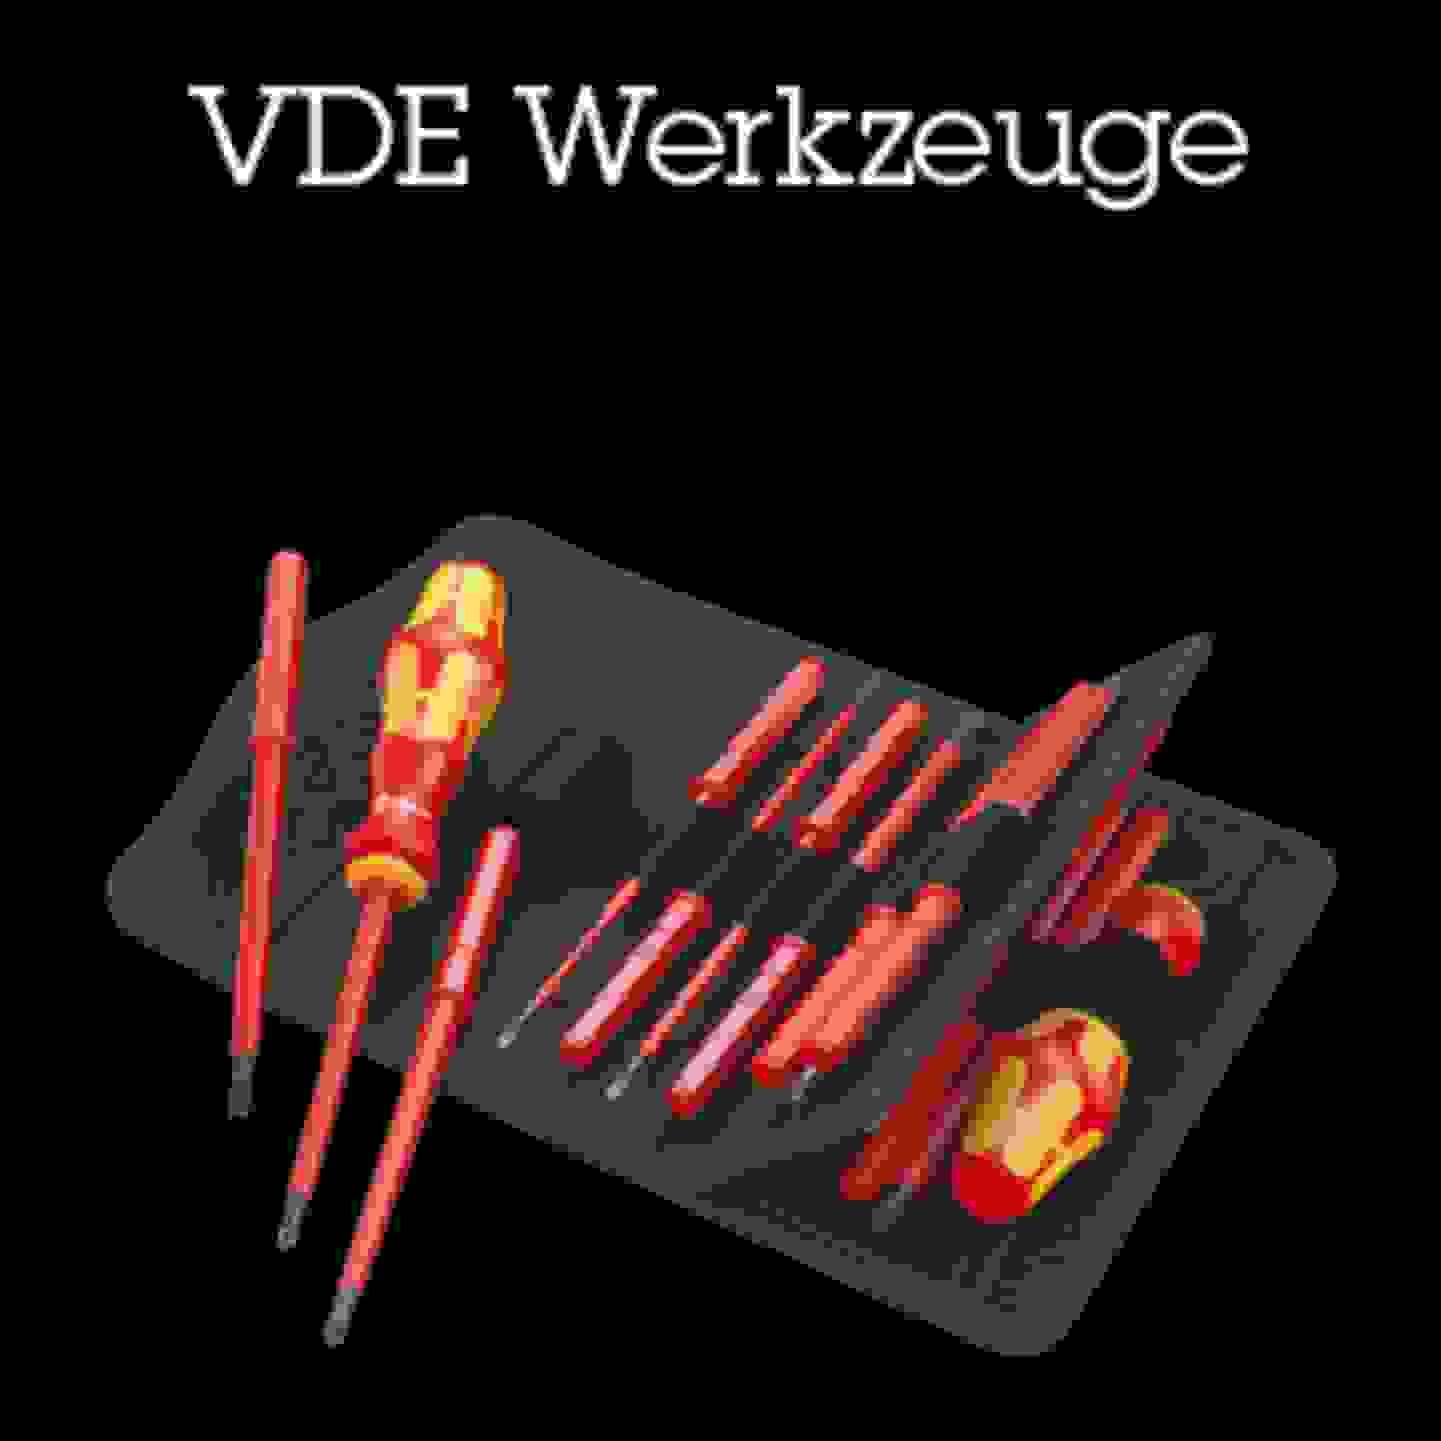 VDE Werkzeuge